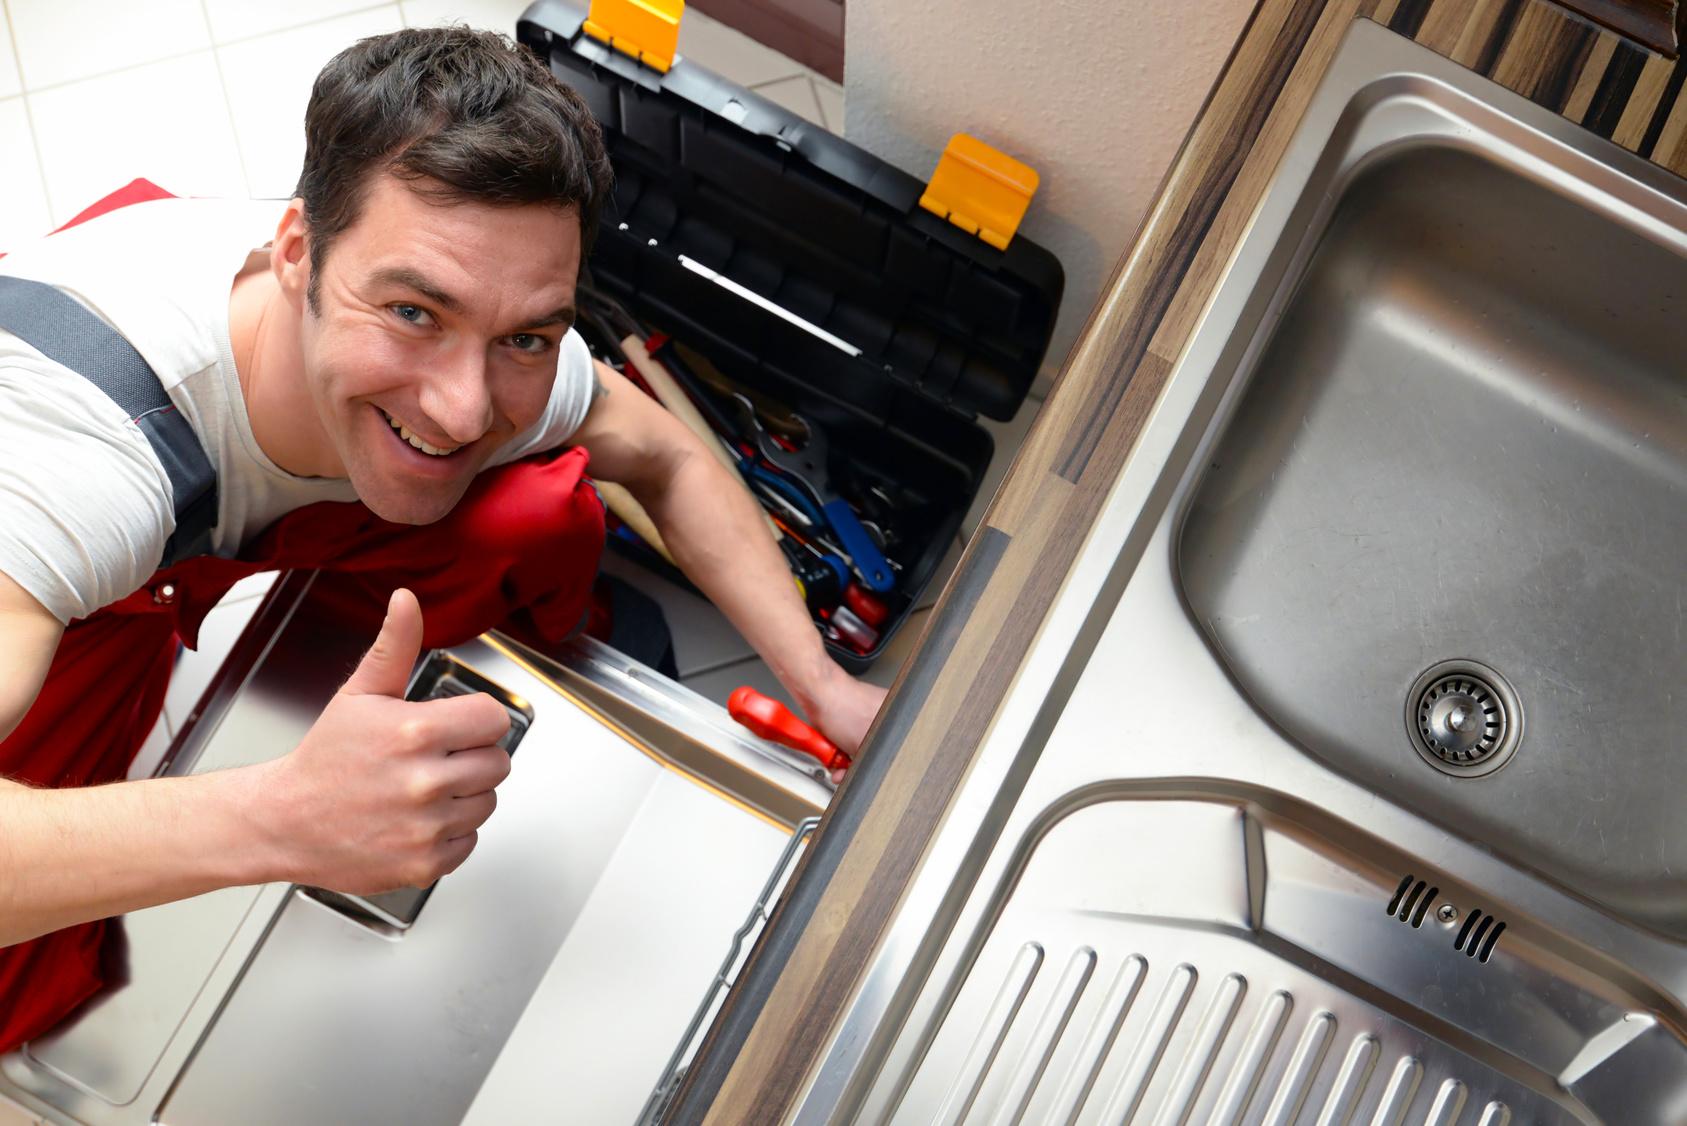 Küchen,Küchenmonteur,Küchenmontage, Umzugsfirma